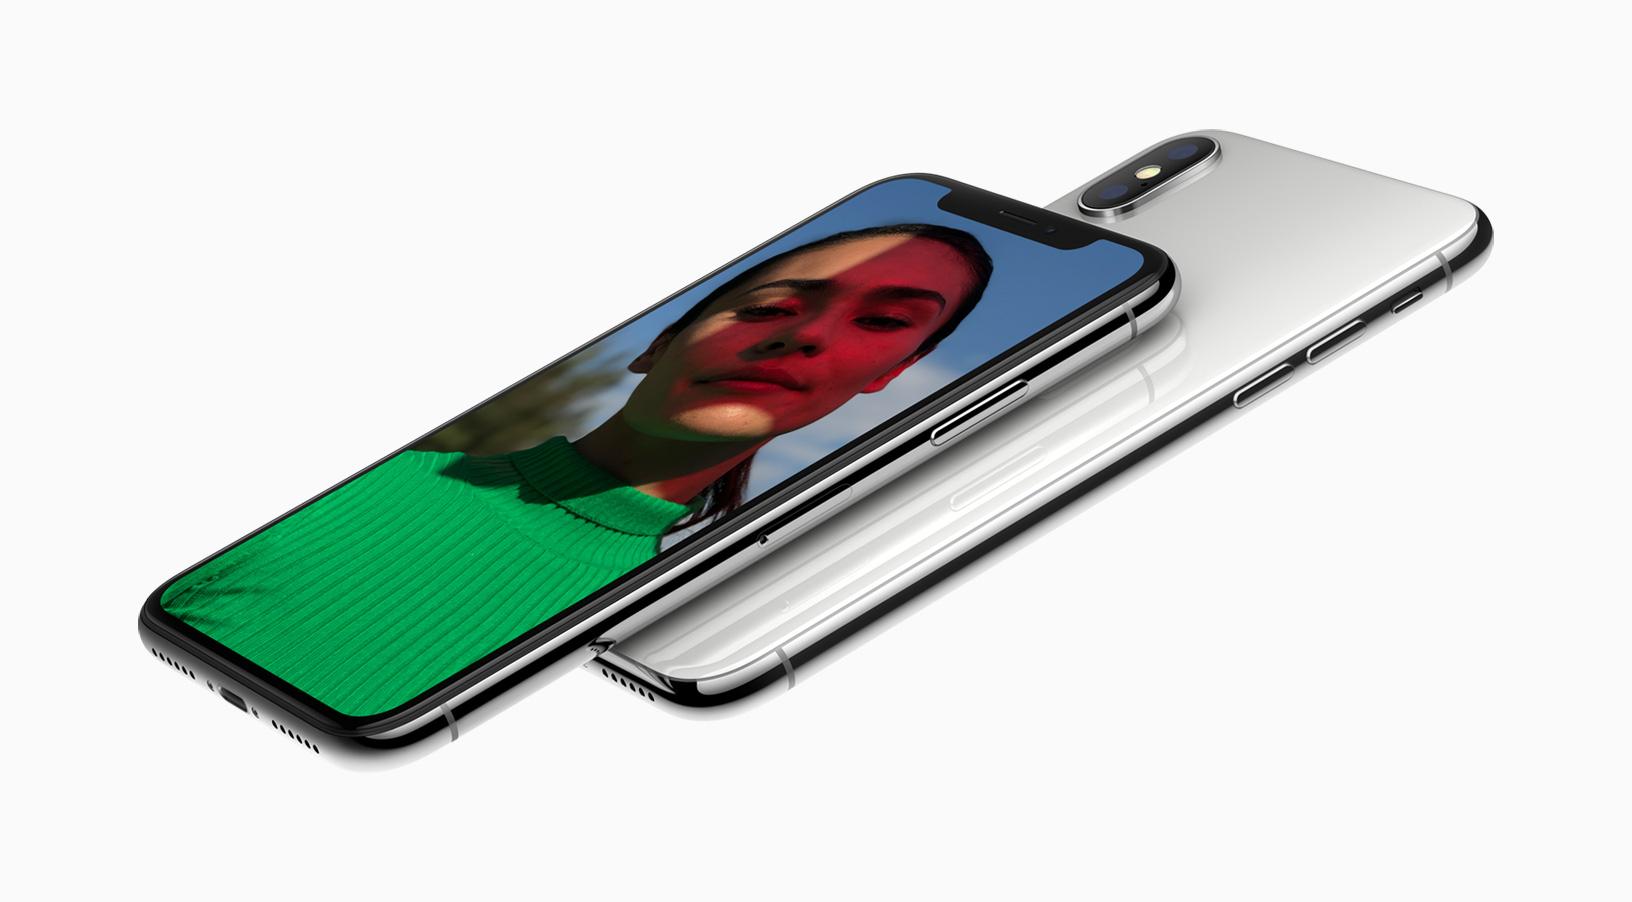 Two Apple iPhone X smartphones